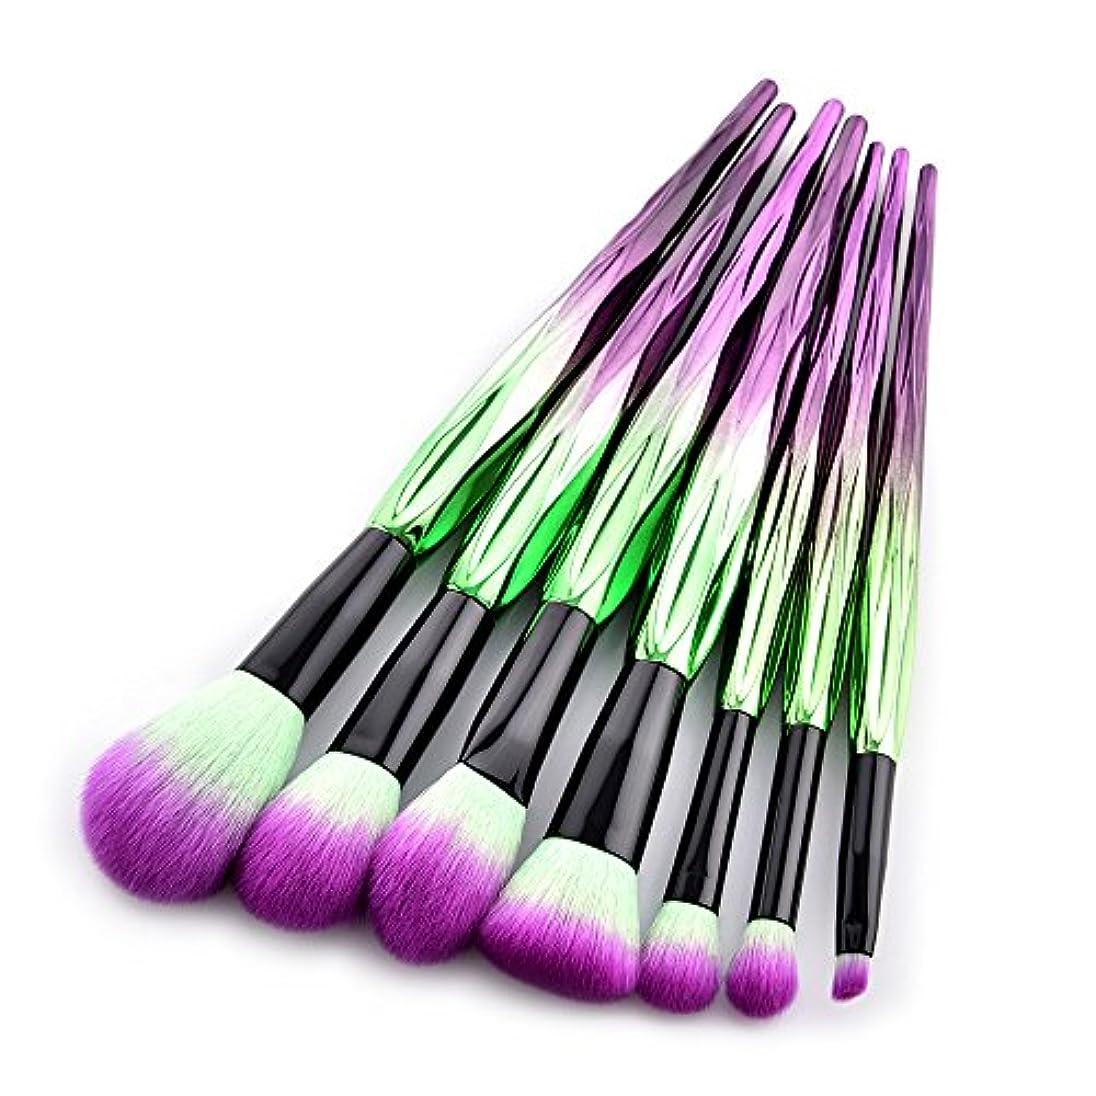 ペストリートリッキーヒステリック(プタス)Putars メイクブラシ メイクブラシセット 7本セット 22*12*1.4cm 紫 緑 ベースメイク 化粧ブラシ ふわふわ お肌に優しい 毛量たっぷり メイク道具 プレゼント